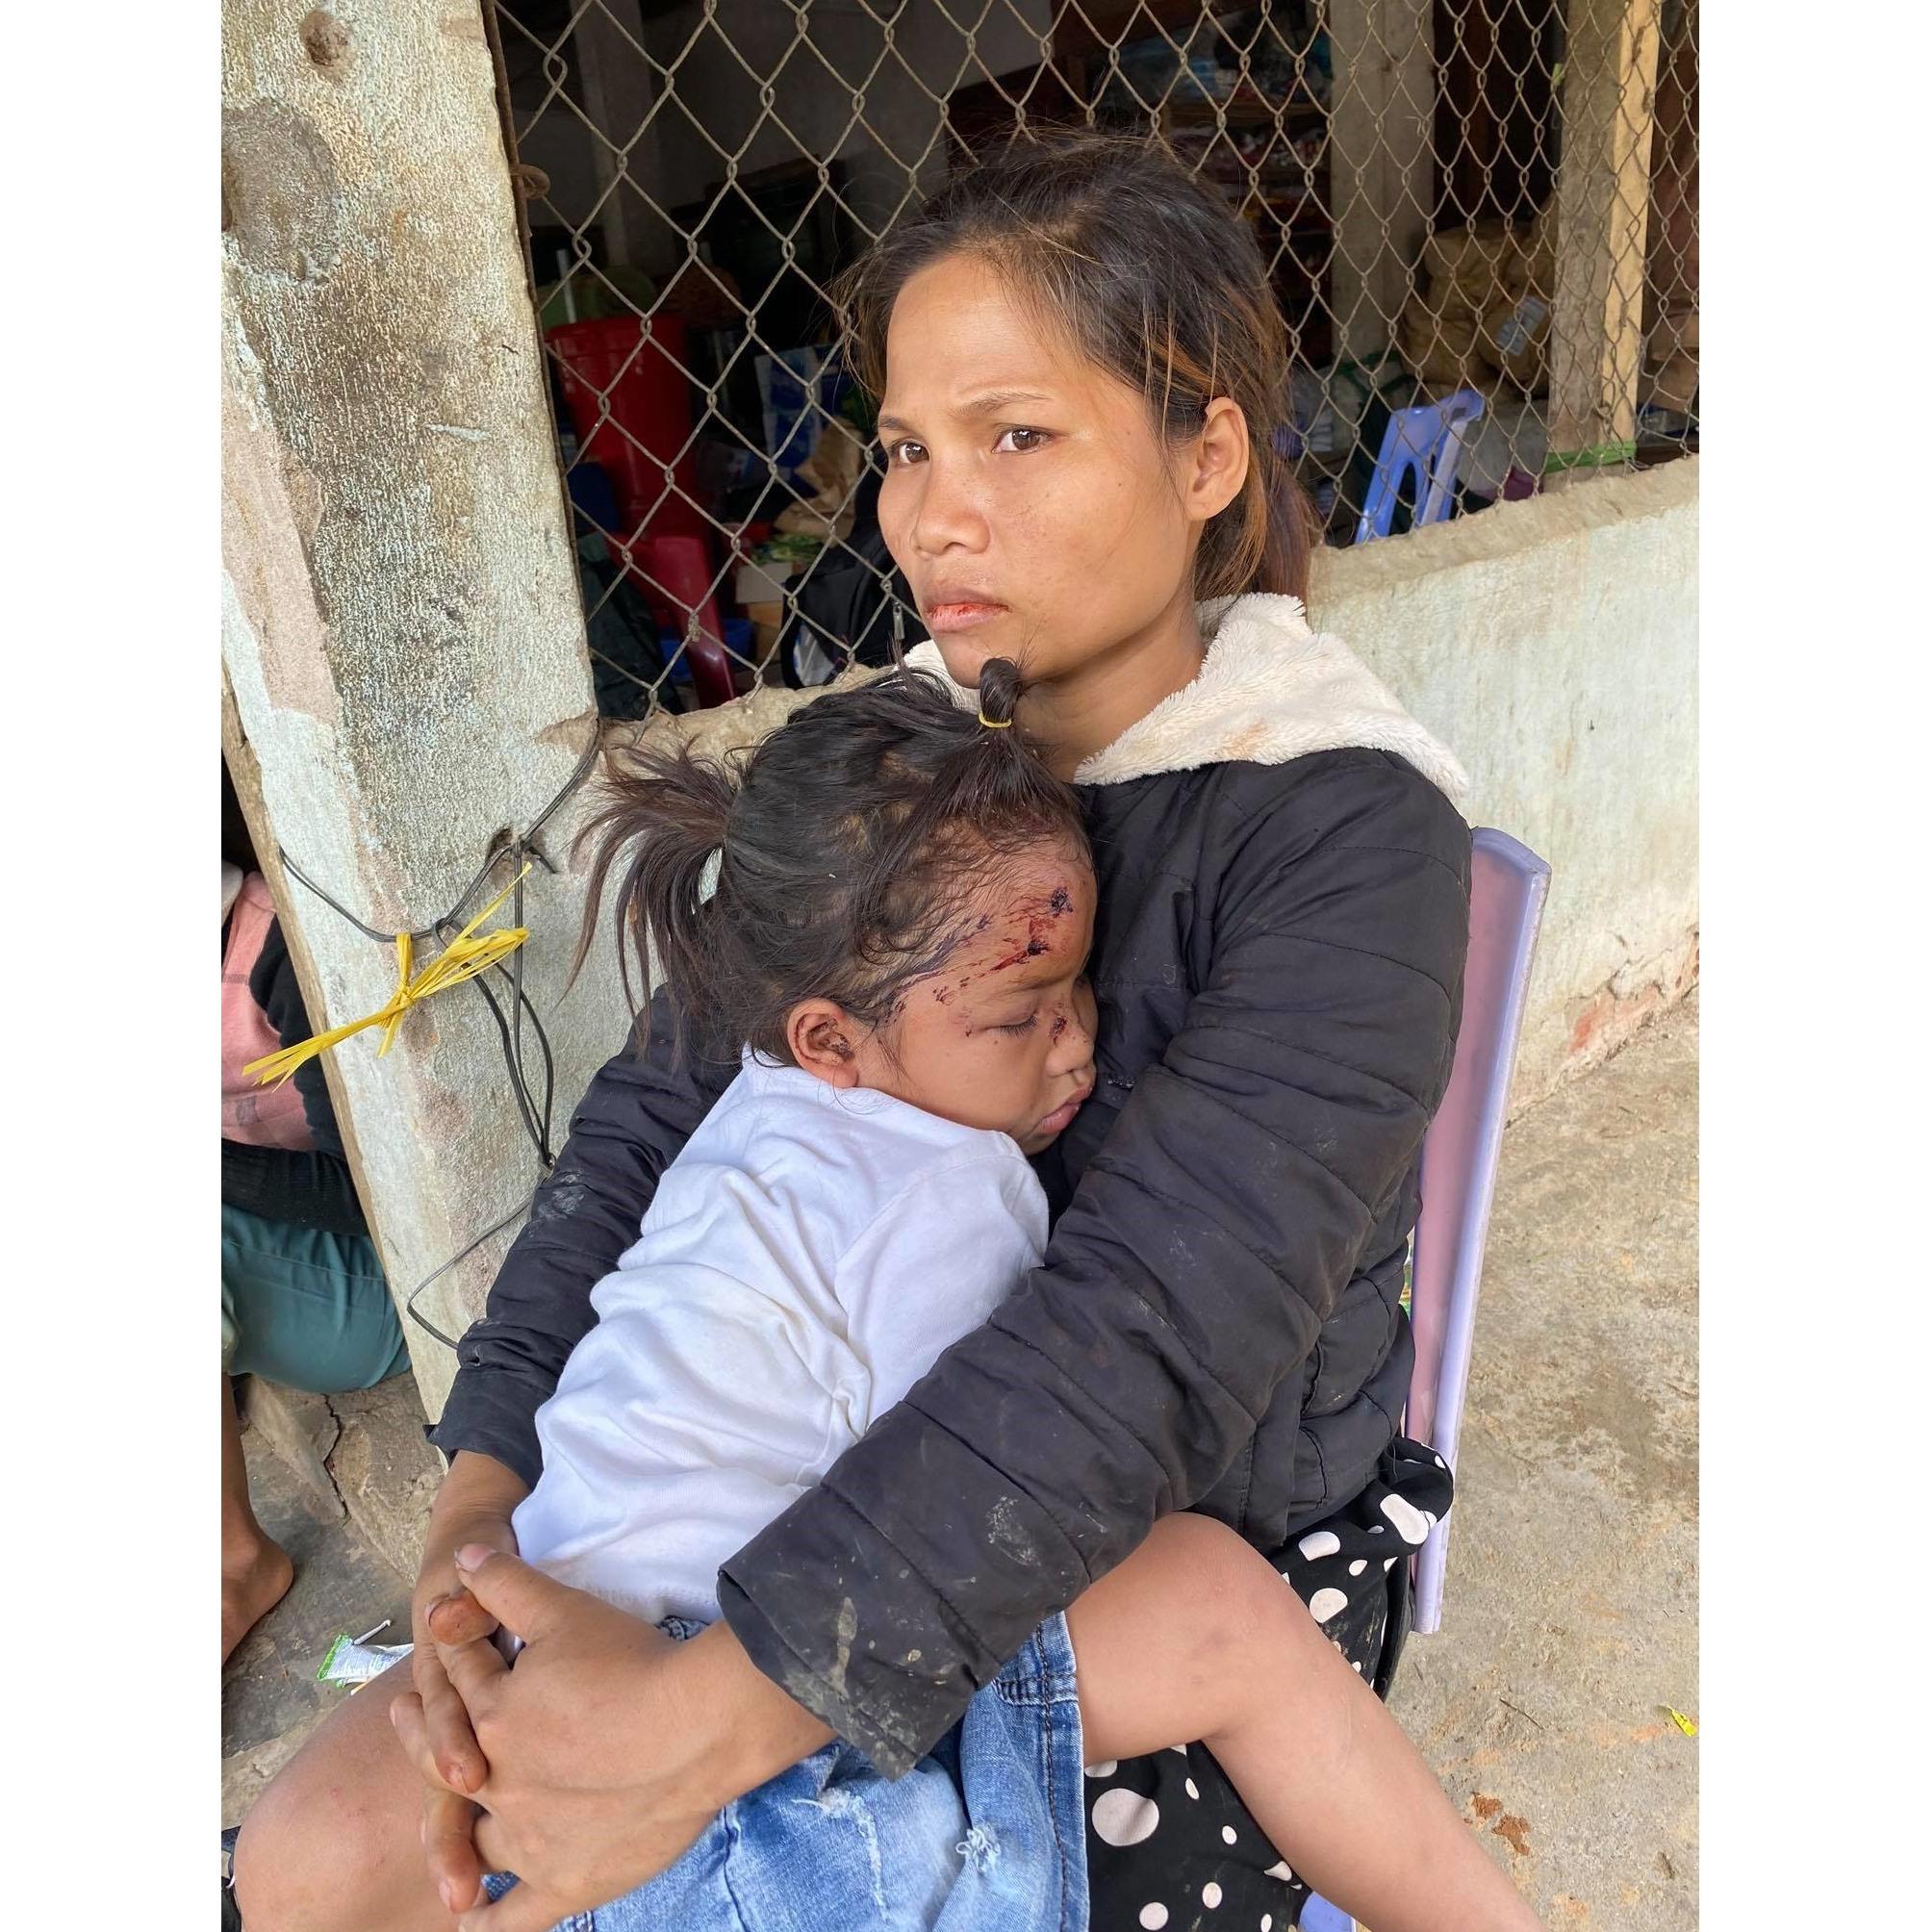 Chị Hồ Thị Hà bồng bế con gái 5 tuổi còn đầy thương tích trên khuôn mặt